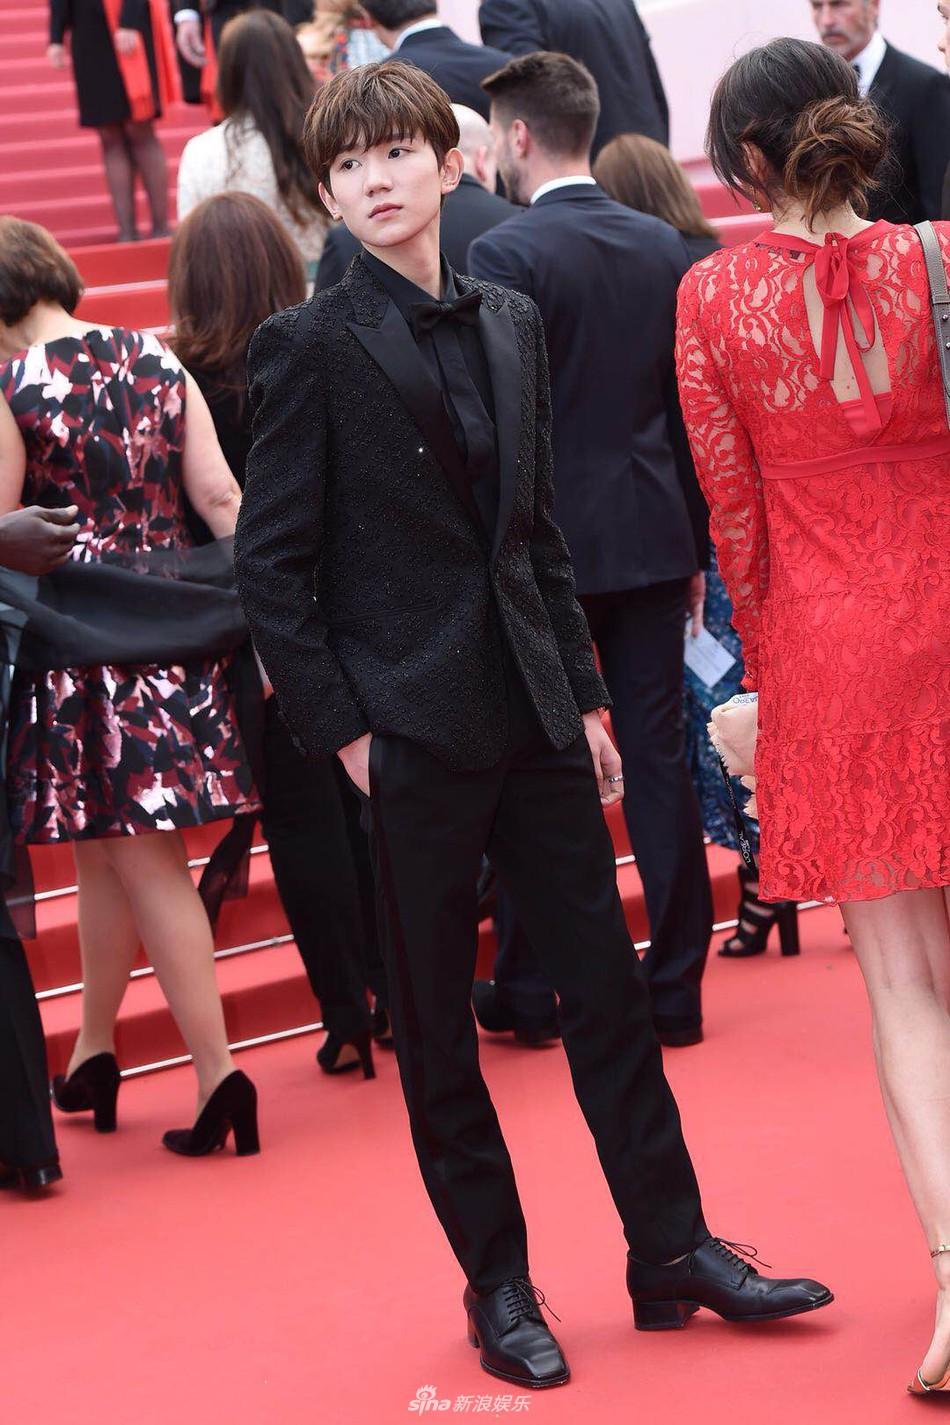 Mỹ nam Vương Nguyên TFboys lần đầu tới Cannes, hớn hở chụp ảnh chung cùng bạn trai Taylor Swift - Ảnh 11.